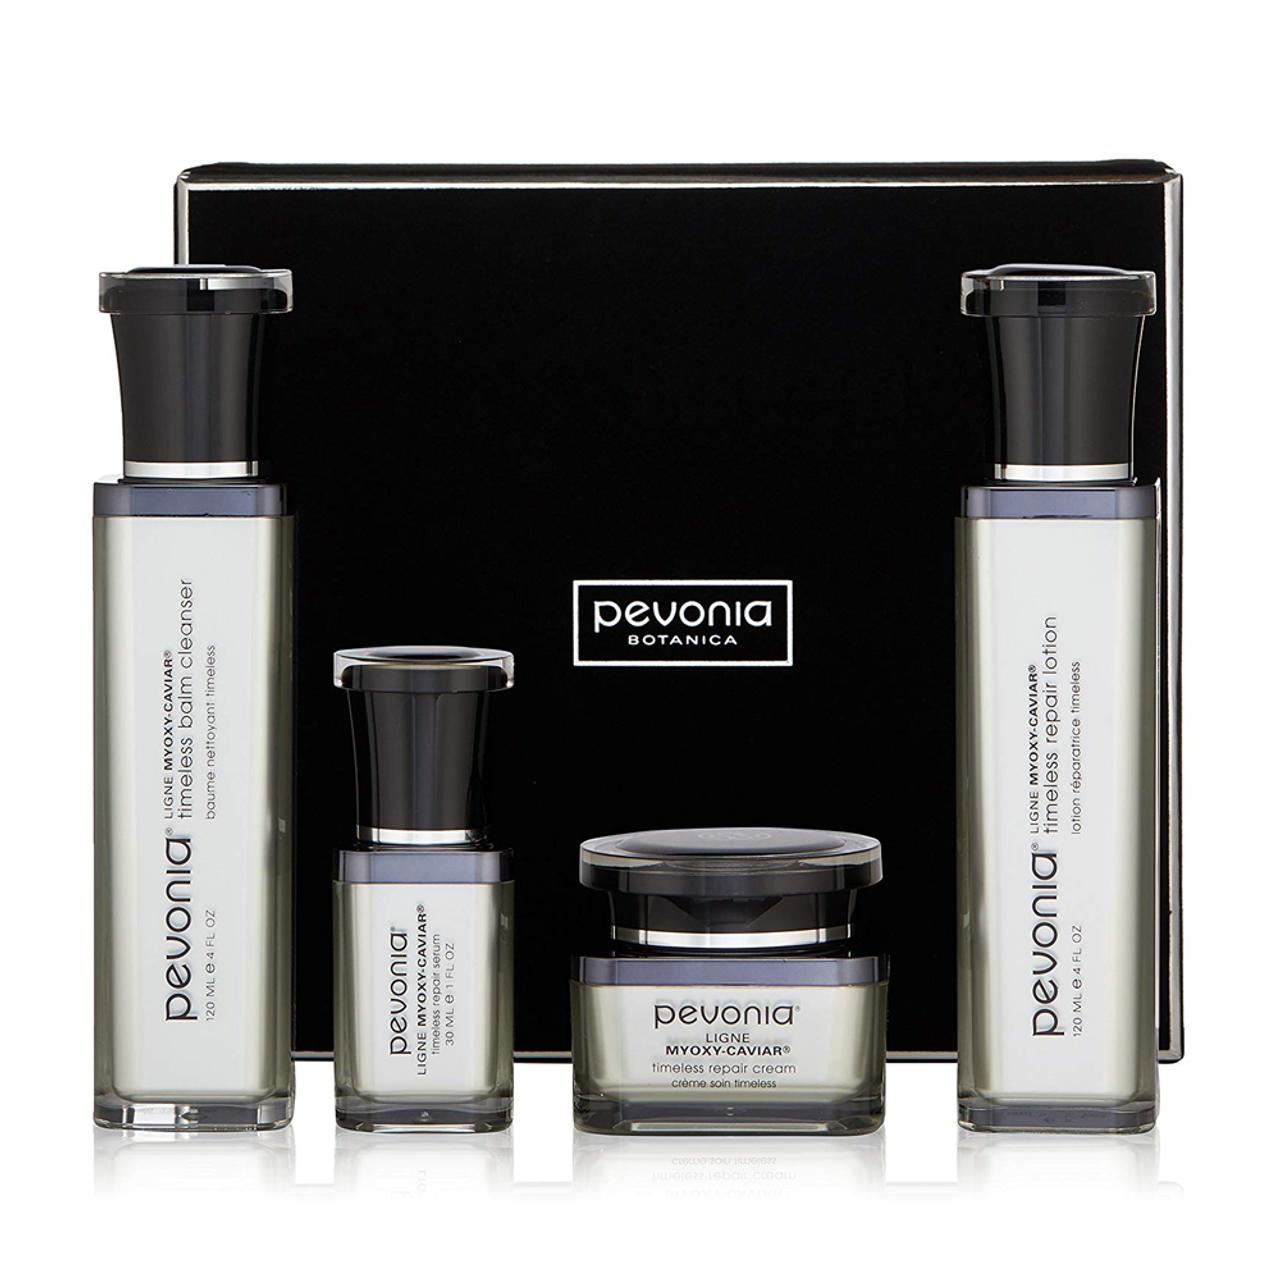 Pevonia Myoxy-Caviar Luxurious Gift Box BeautifiedYou.com